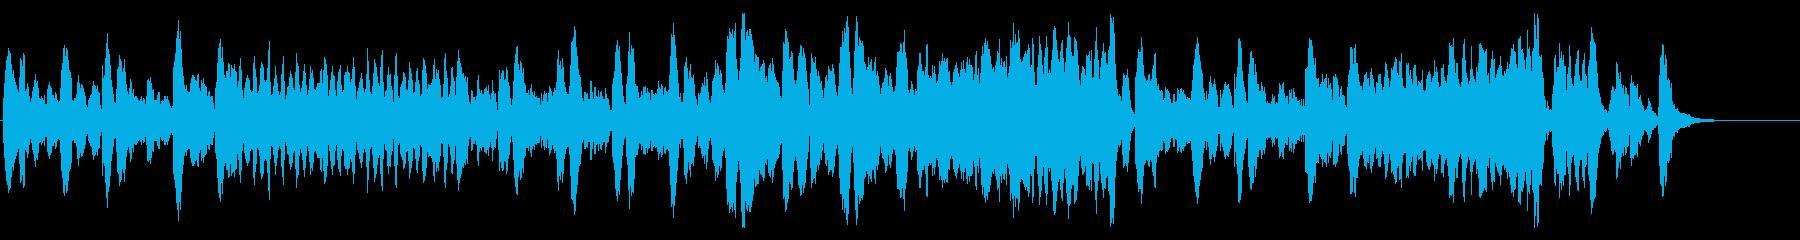 ゴシック/クラシカル/王宮の再生済みの波形